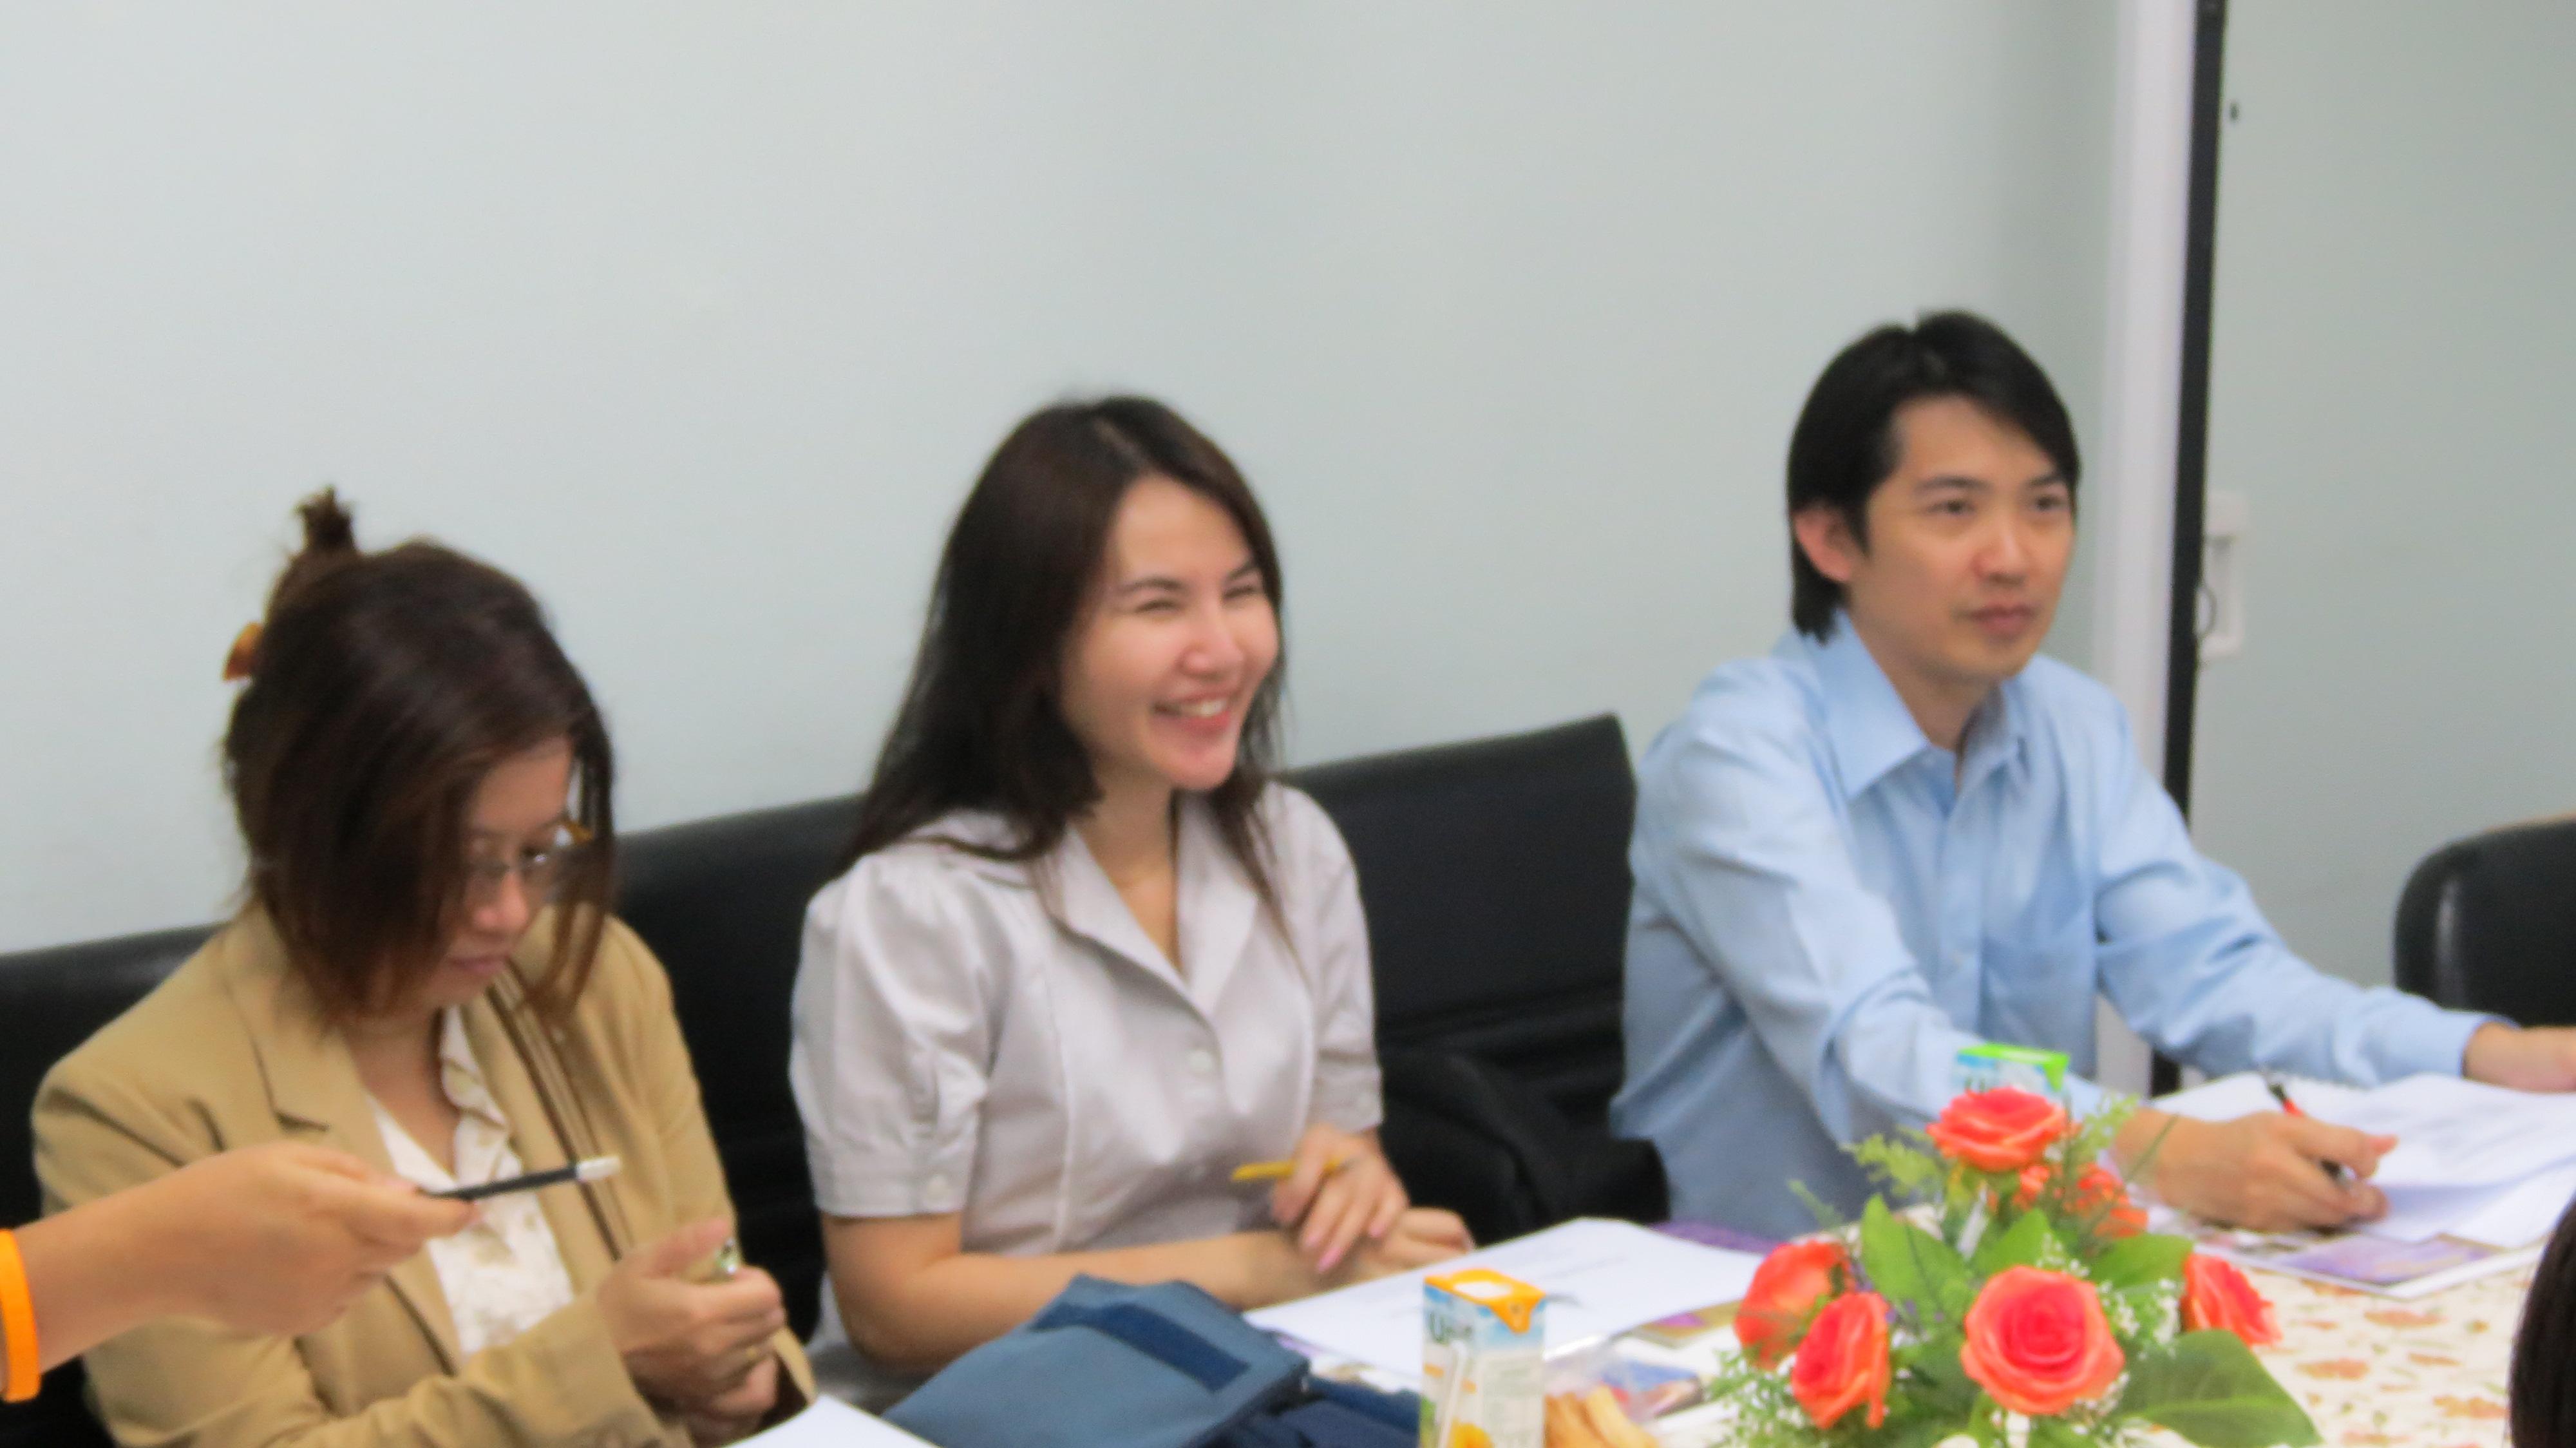 โครงการสัมมนาและศึกษาดูงานด้านการบริหารงานวิทยบริการ